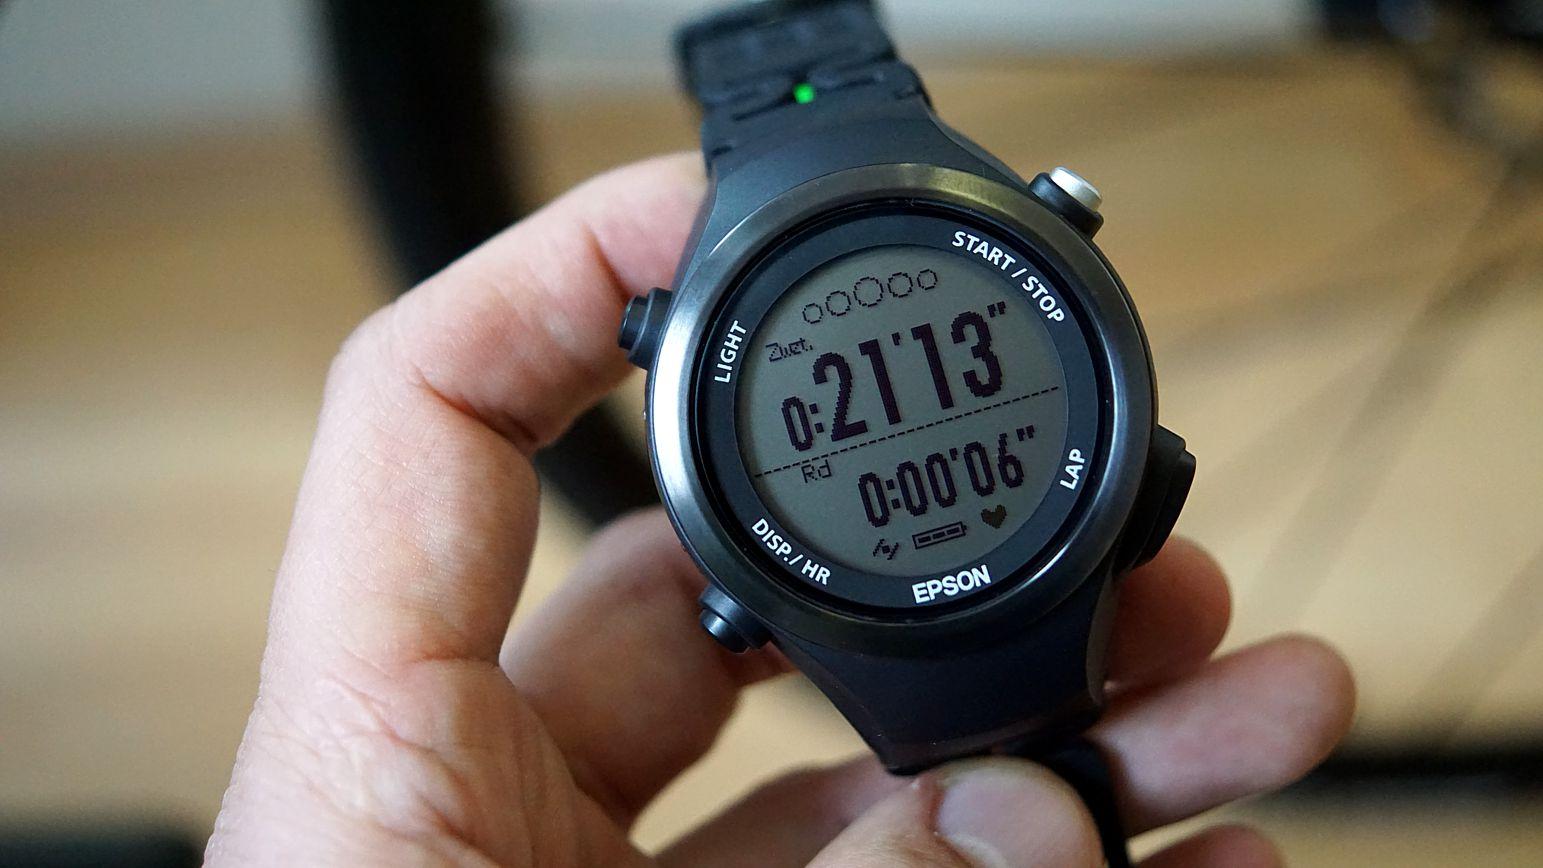 Epson SF 810 Runsense Sportuhr mit GPS und optischem Herzfrequenzsensor.